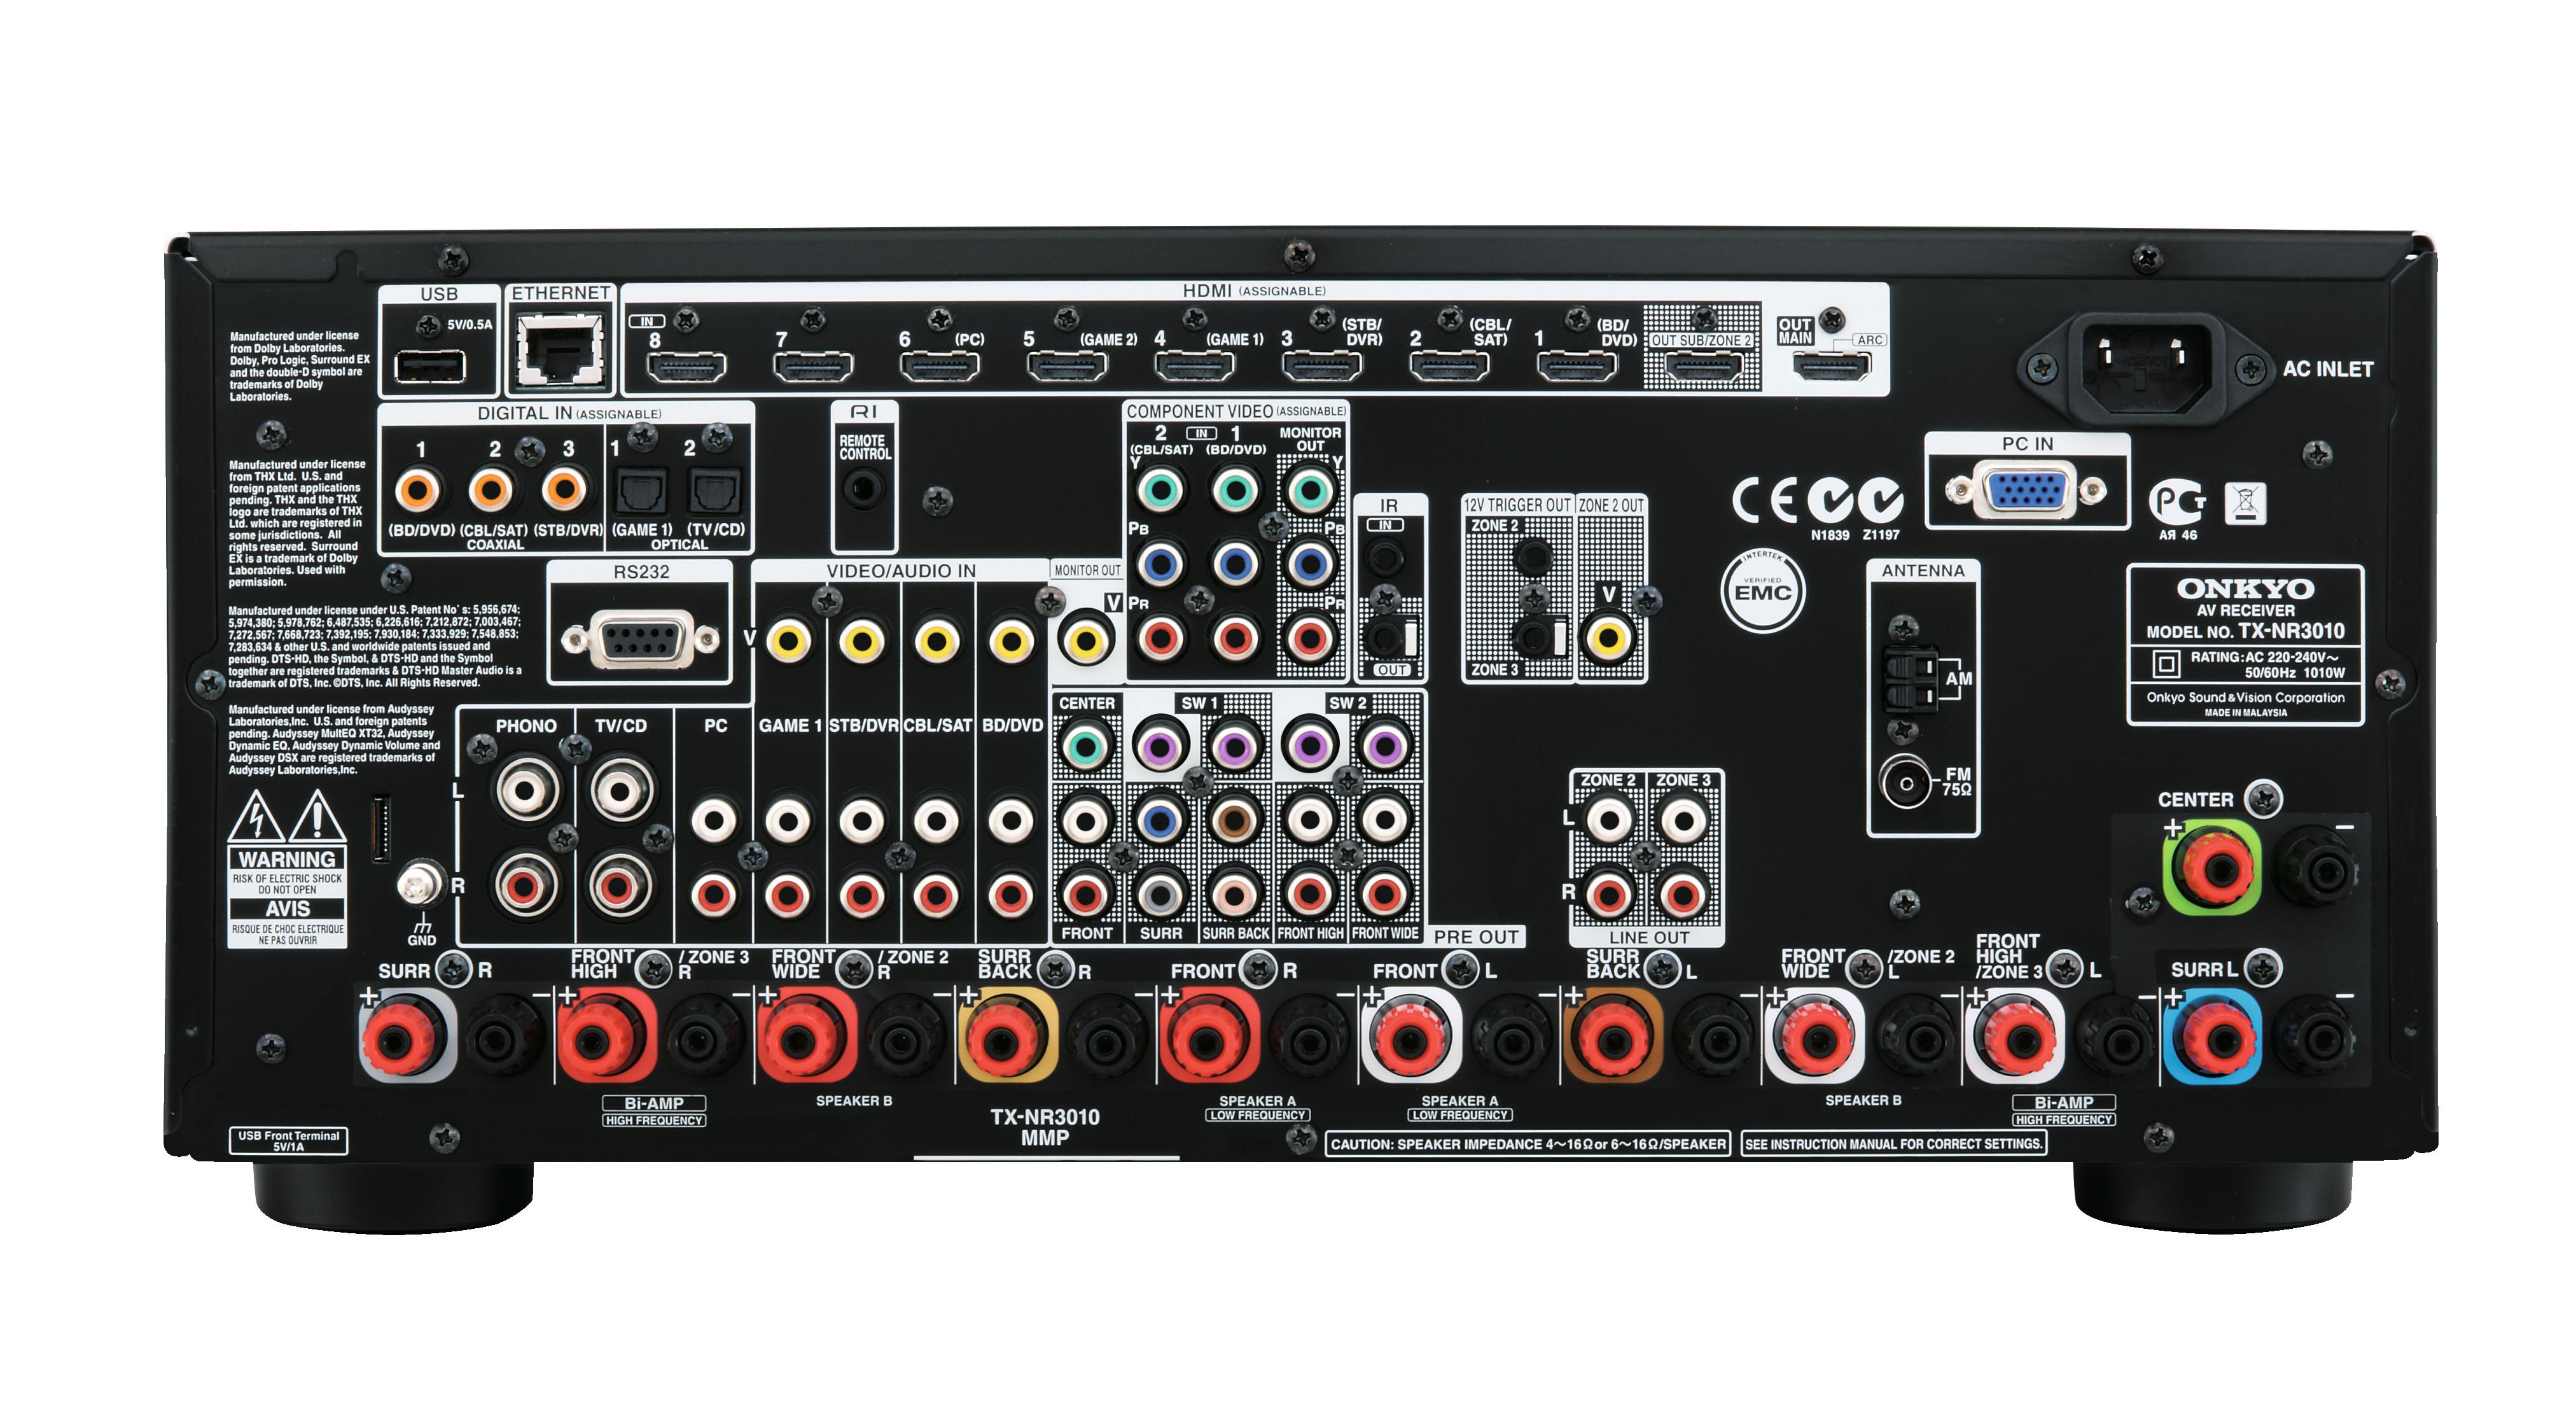 jvc kenwood wiring diagram jvc image wiring diagram onkyo equalizer wiring diagram jvc onkyo wiring diagrams on jvc kenwood wiring diagram